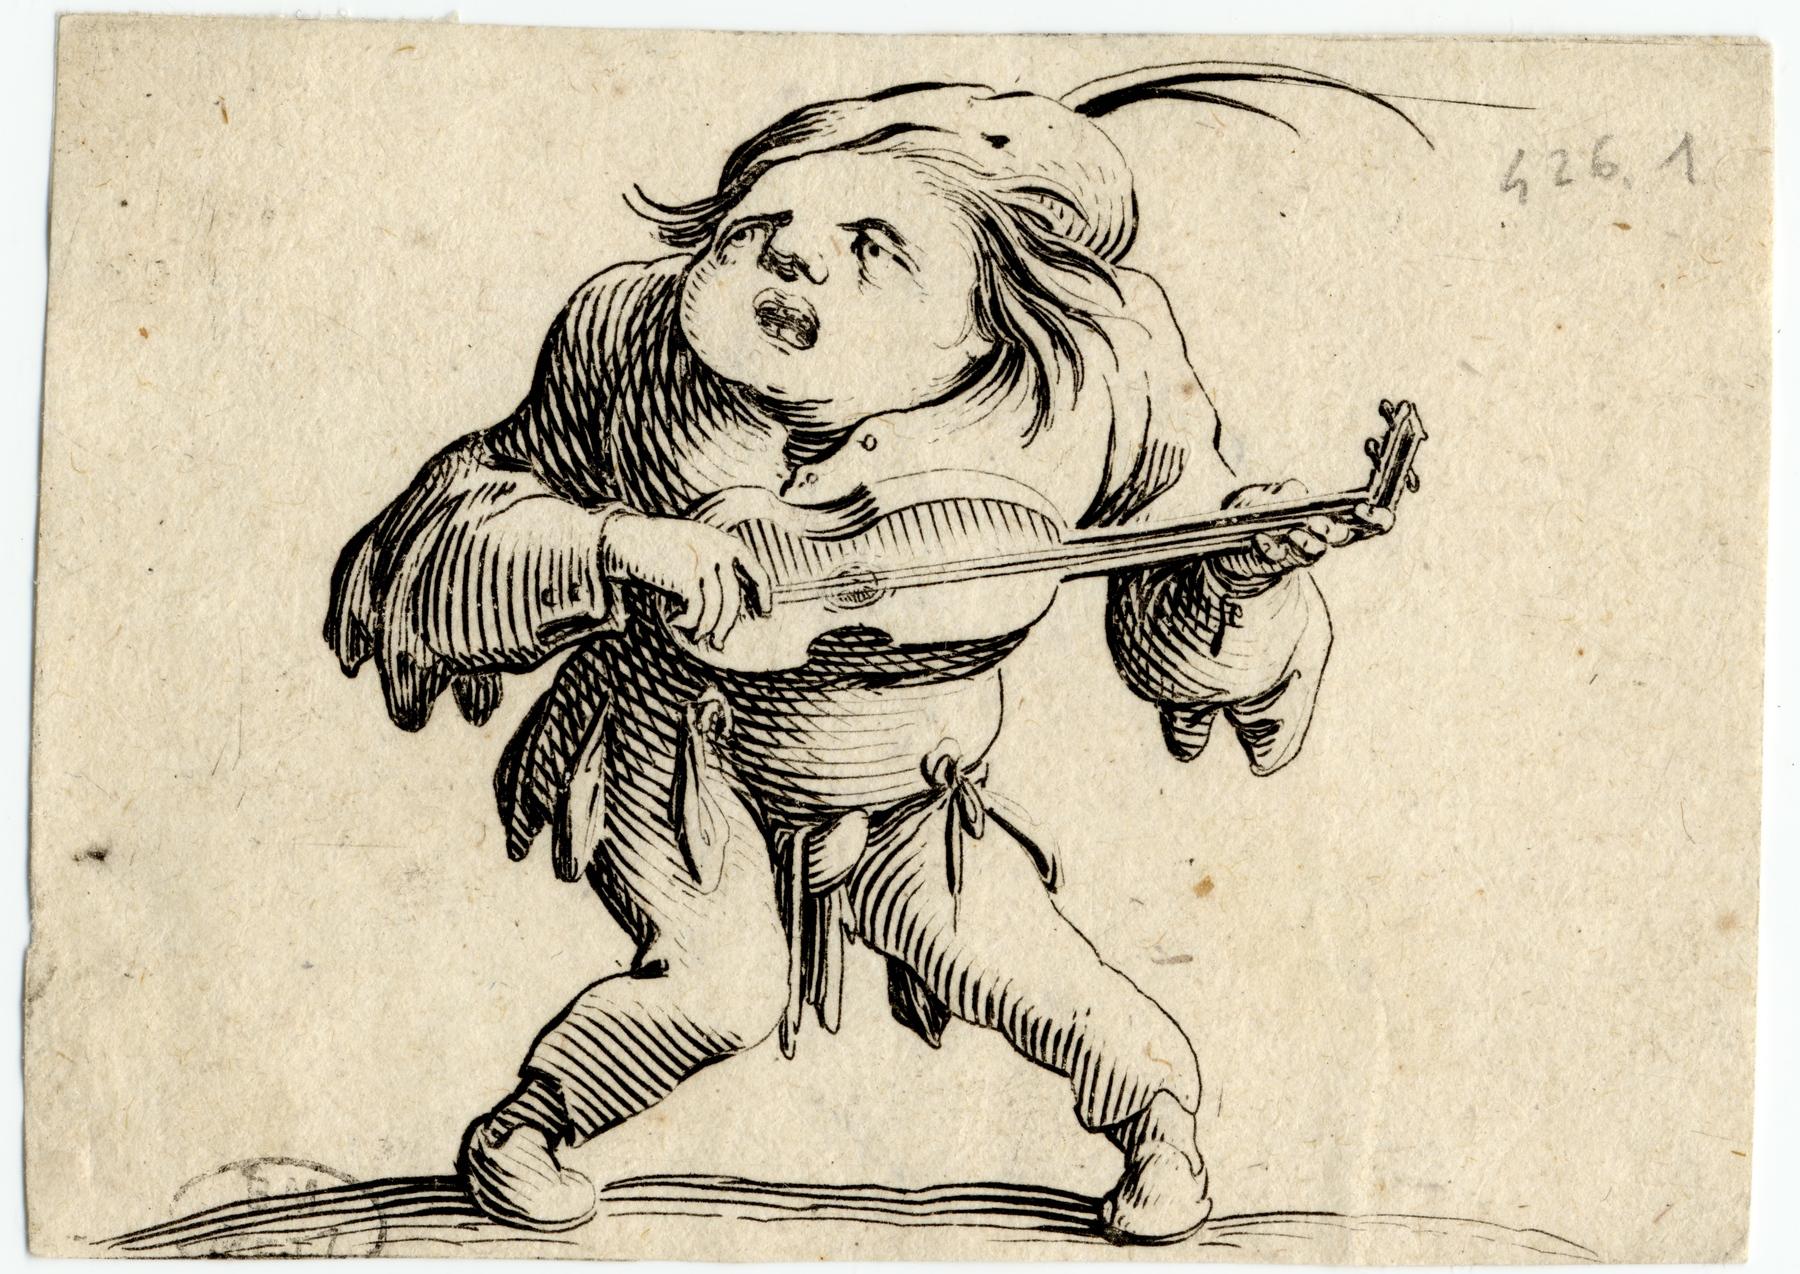 Contenu du Les Gobbi: La bancal jouant de la guitare